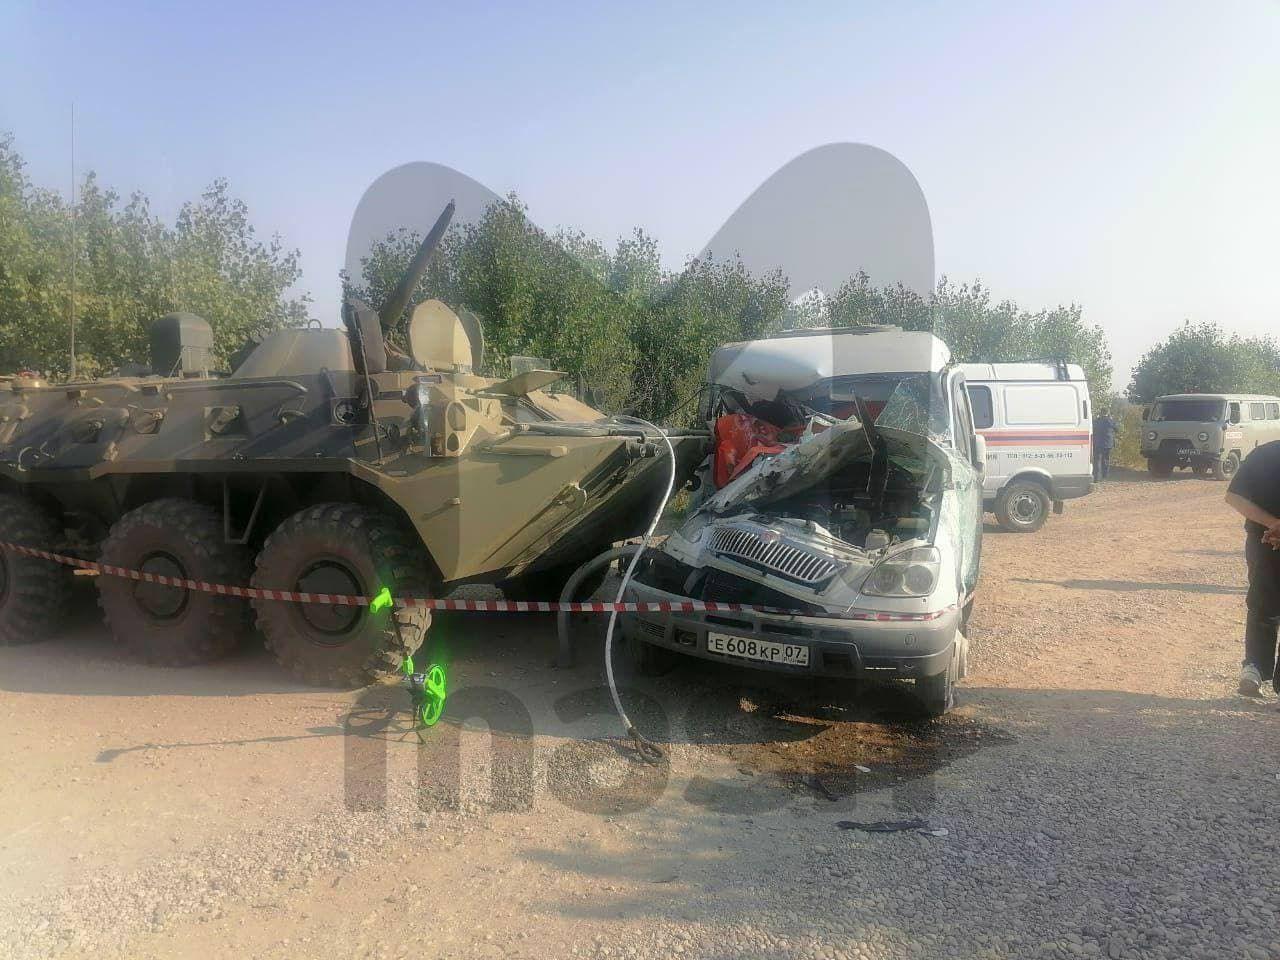 В России многотонный БТР снес маршрутку с людьми: много погибших и раненых